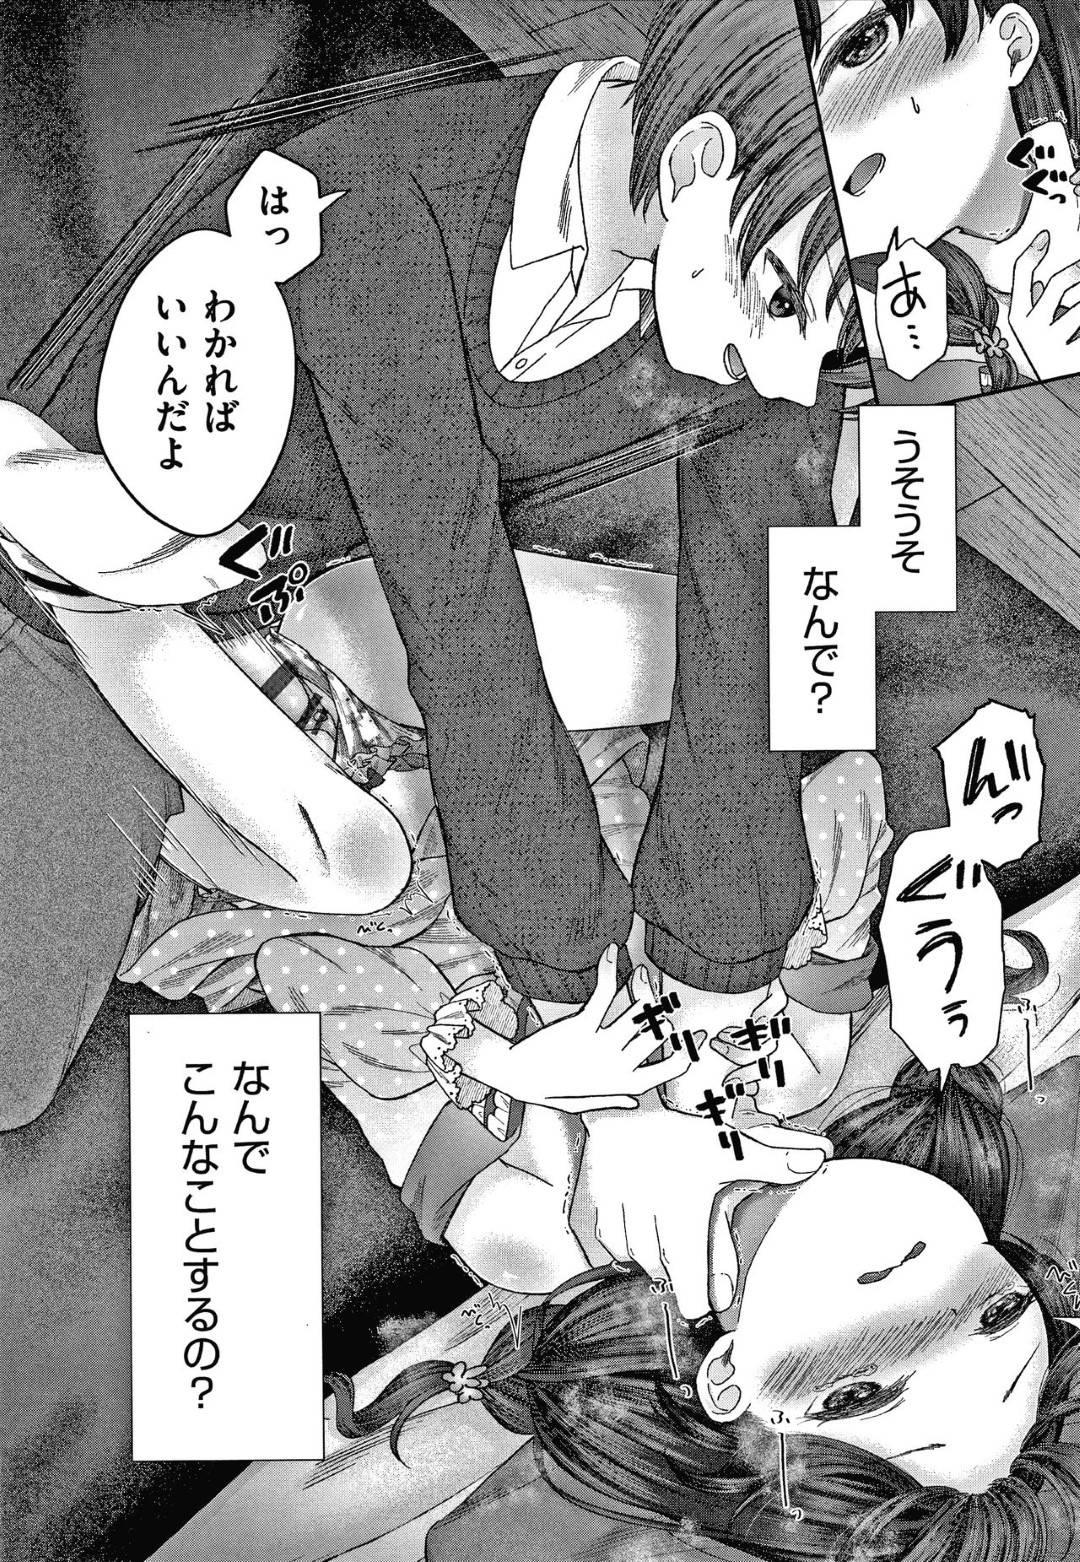 【エロ漫画】両親が出かけたあとドSな義兄に犯される美少女ロリ義妹…部屋に呼び出されると手コキフェラを強要され、顔射されたあと首を絞められながら乱暴な中出しレイプされて絶頂してしまう【しま田ぱんだ:よいこの仮面】